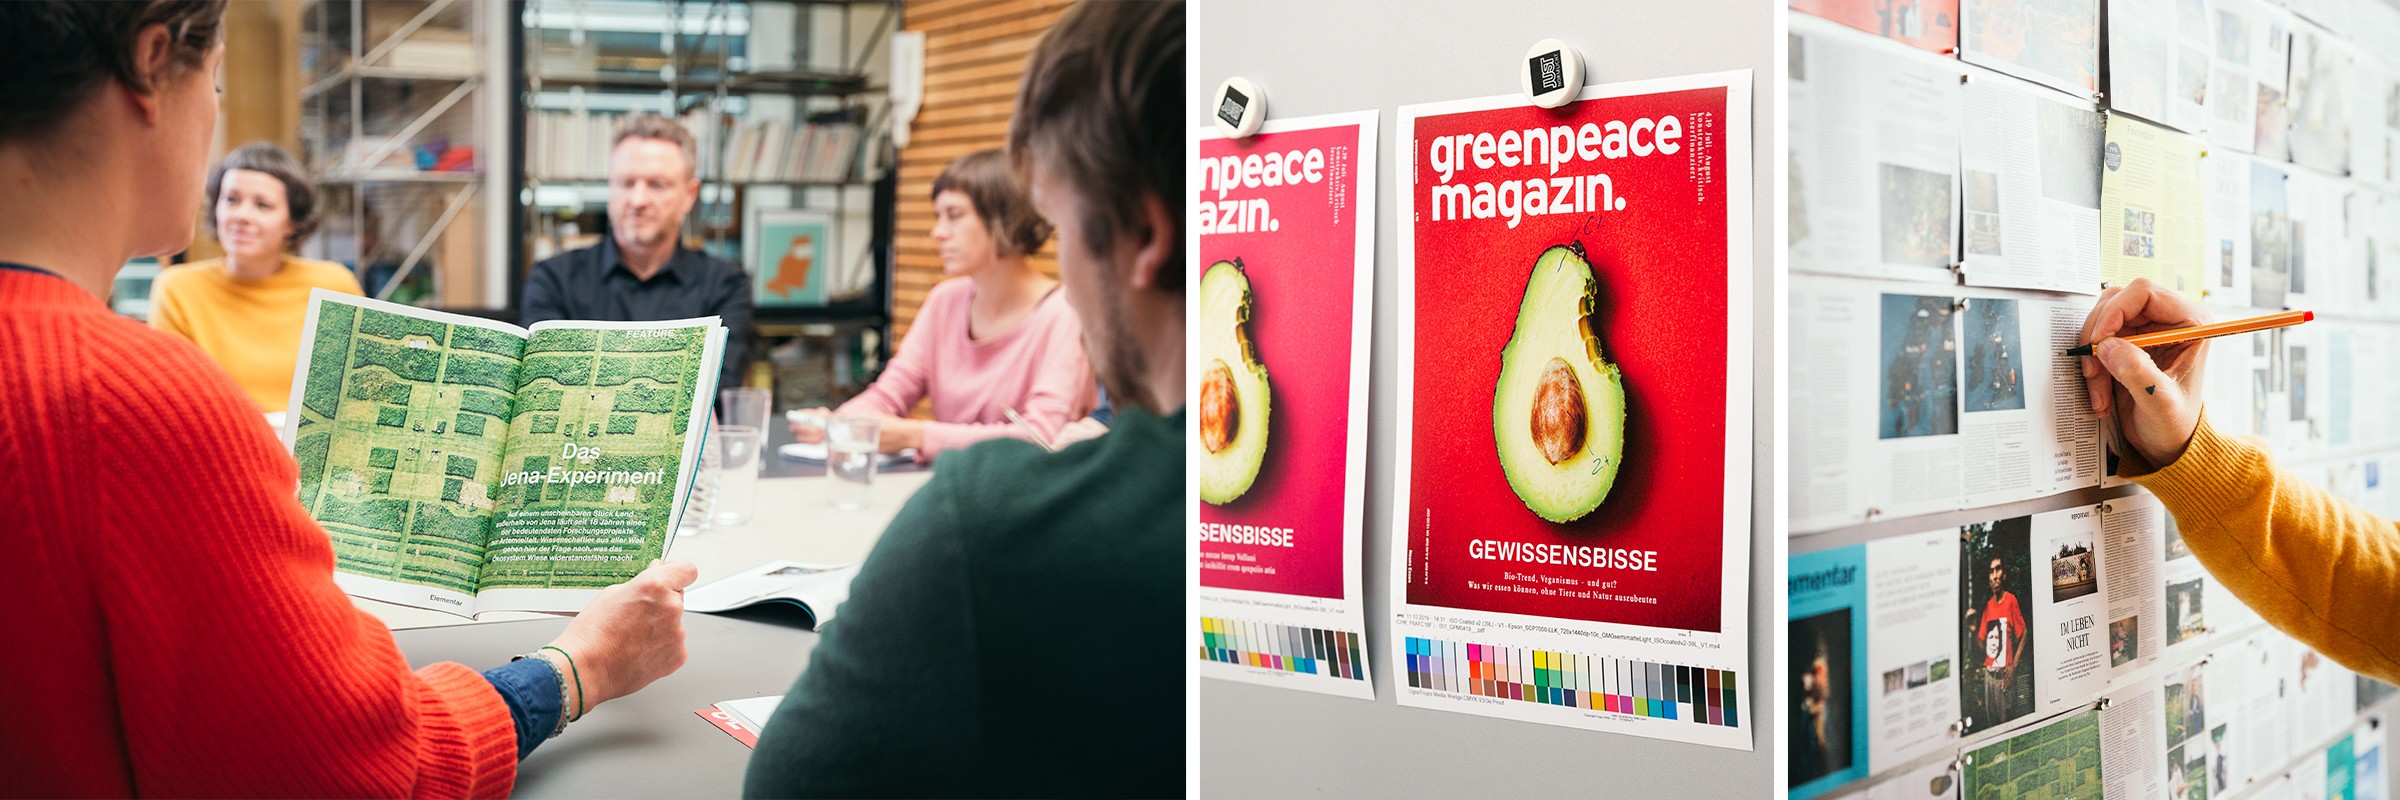 Die Greenpeace Media stellt sich vor